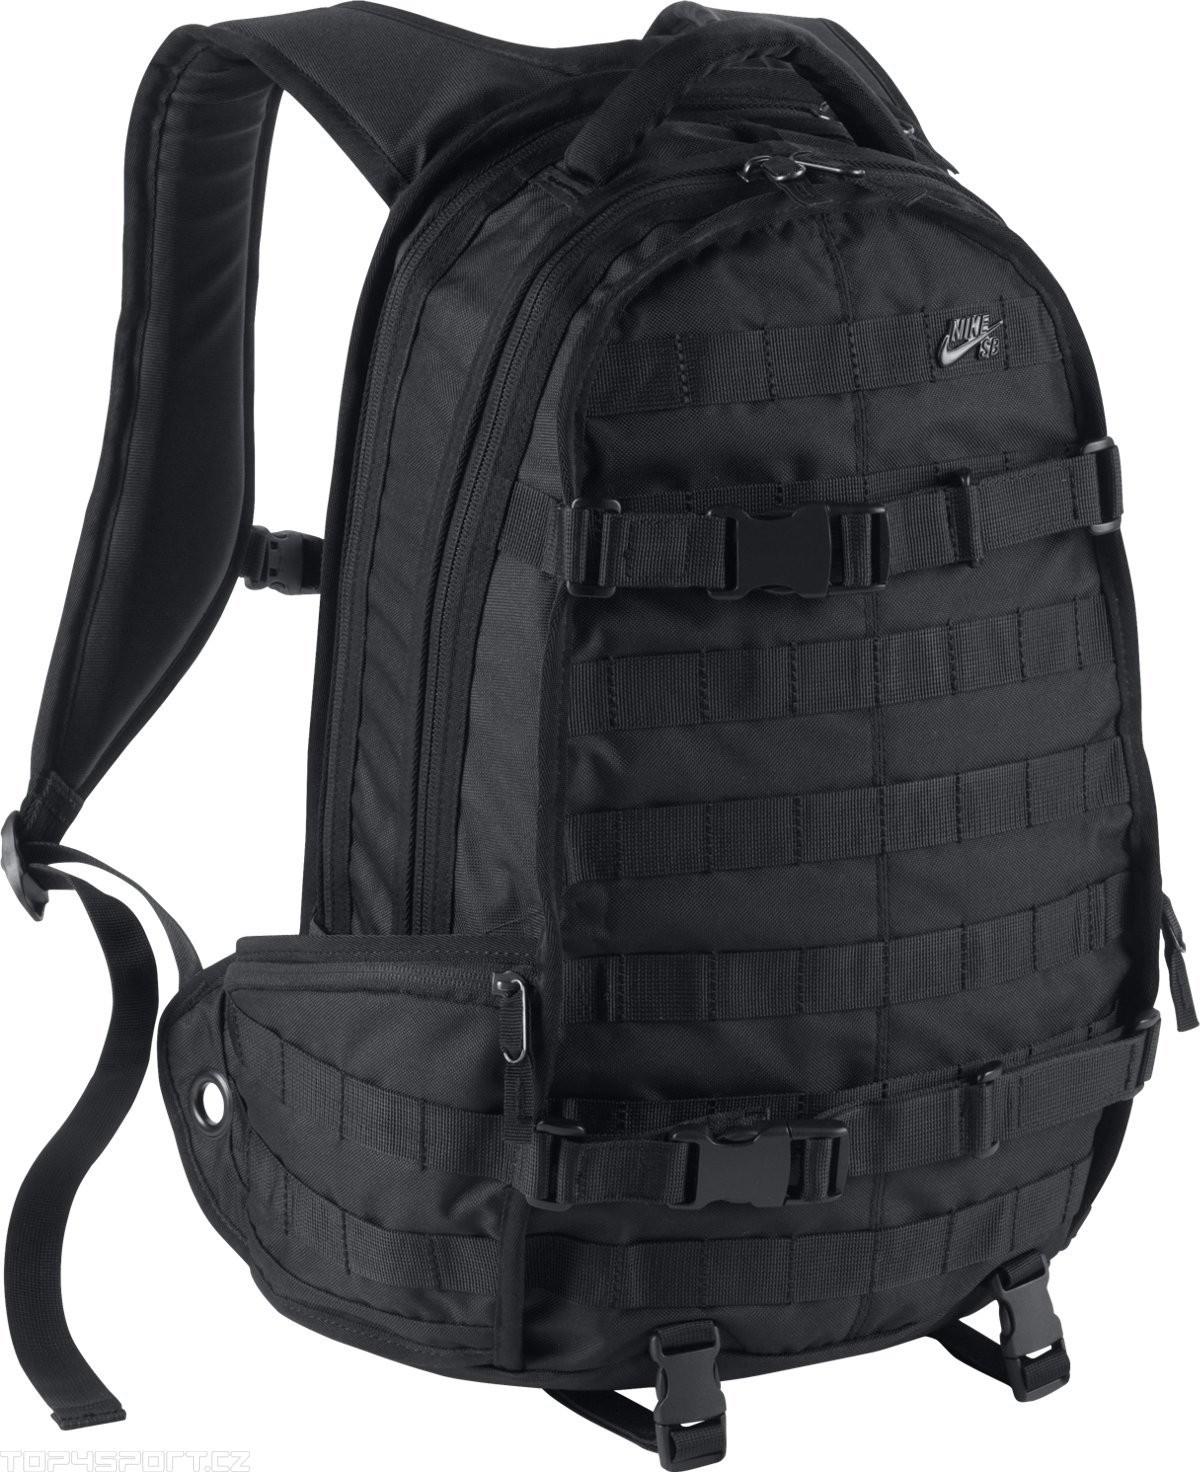 Nike SB RPM Backpack  a14c91ca0c217